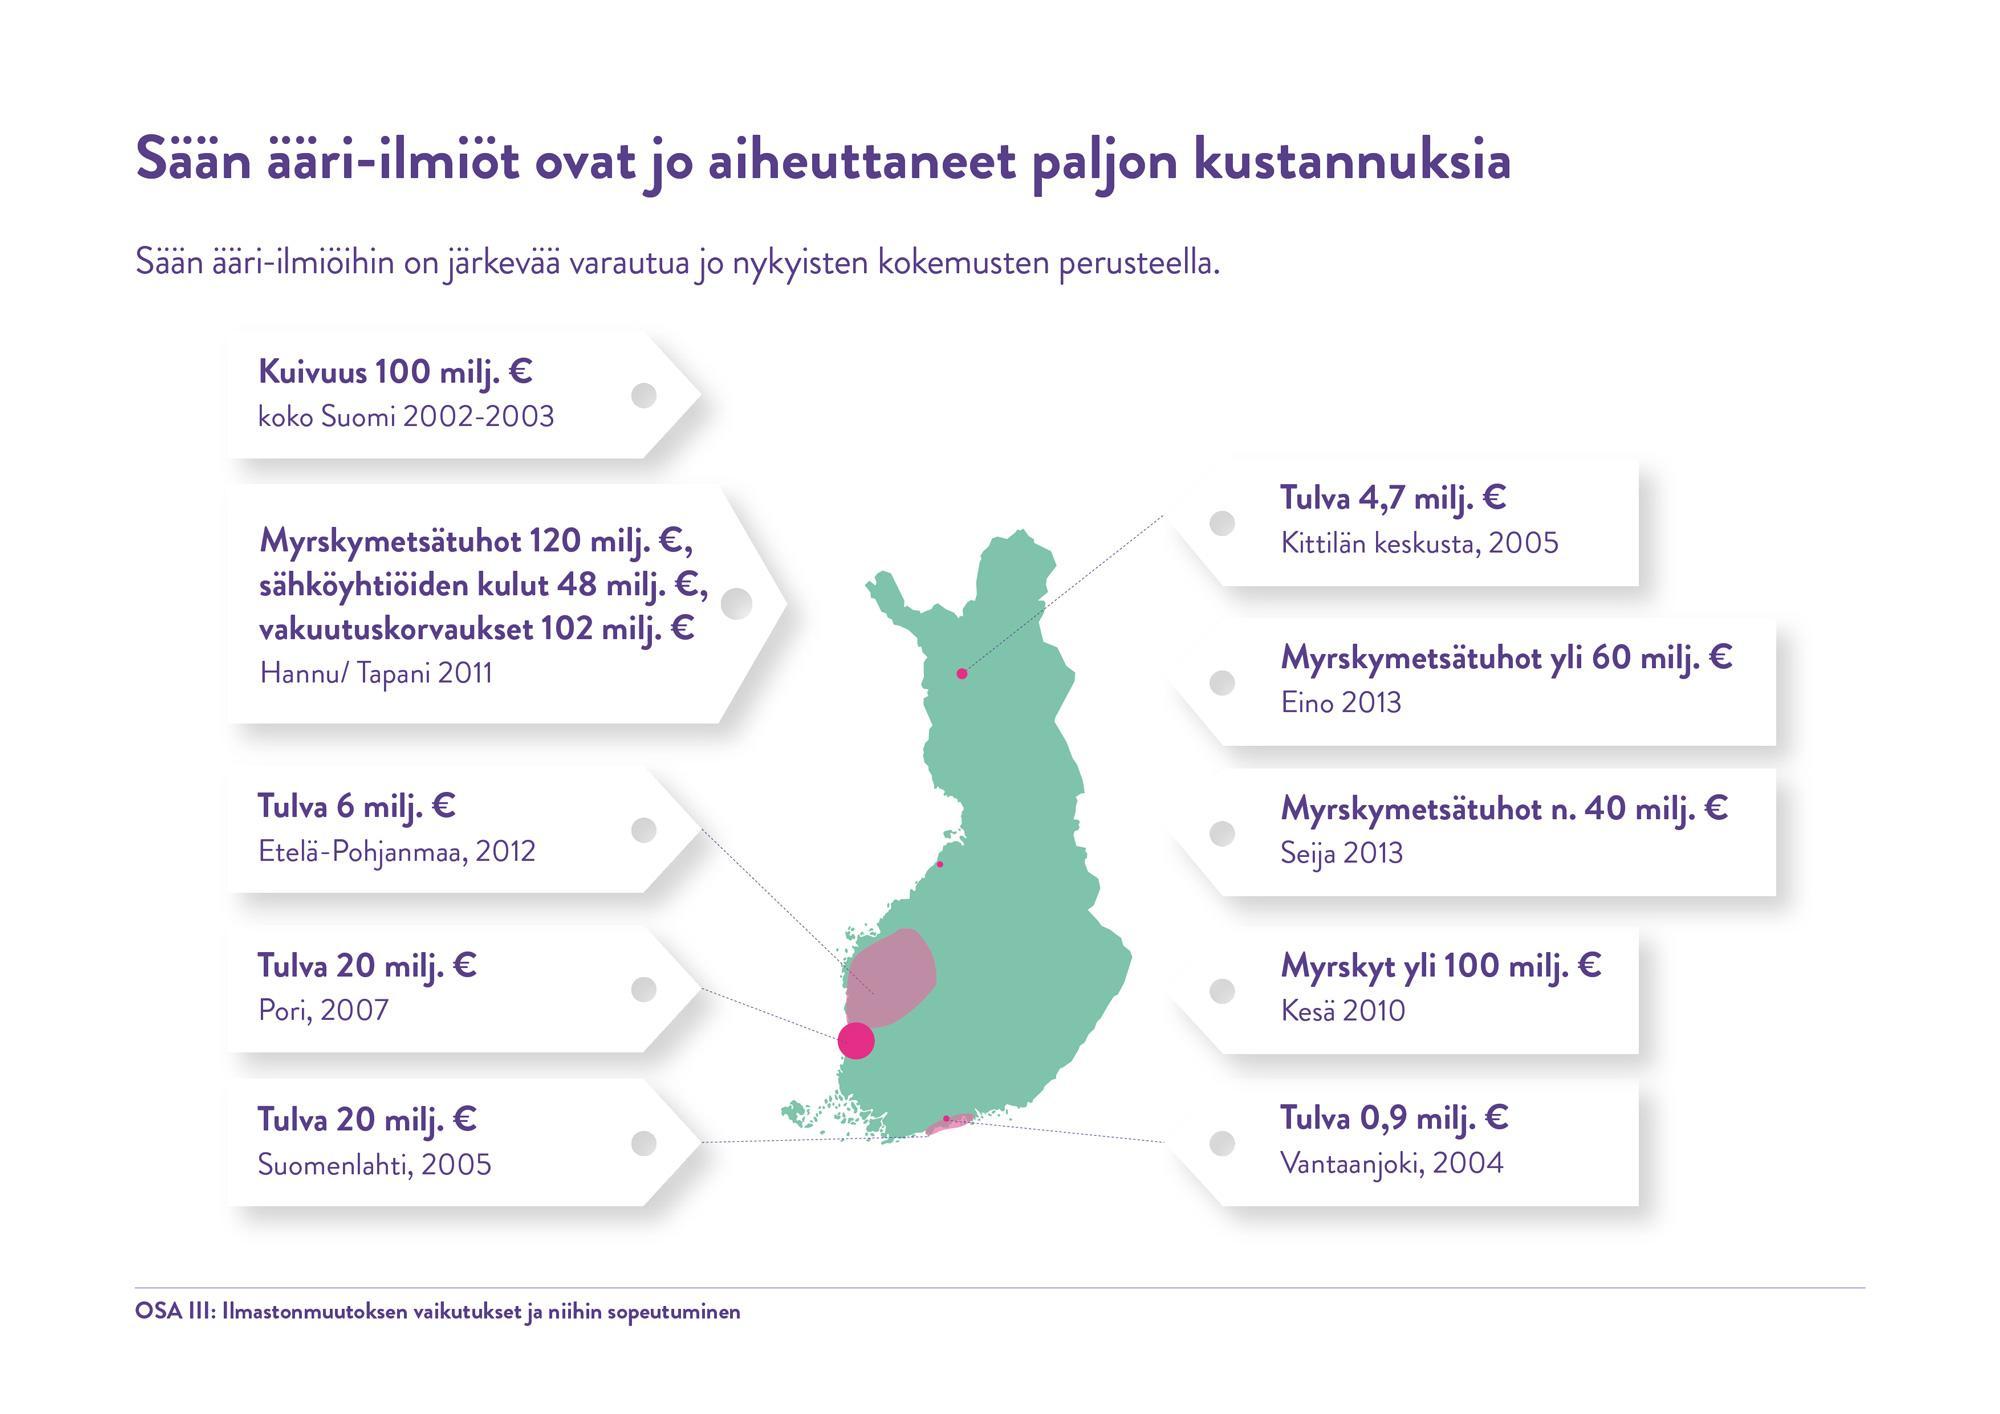 Sään ääri-ilmiöiden kustannukset Suomessa